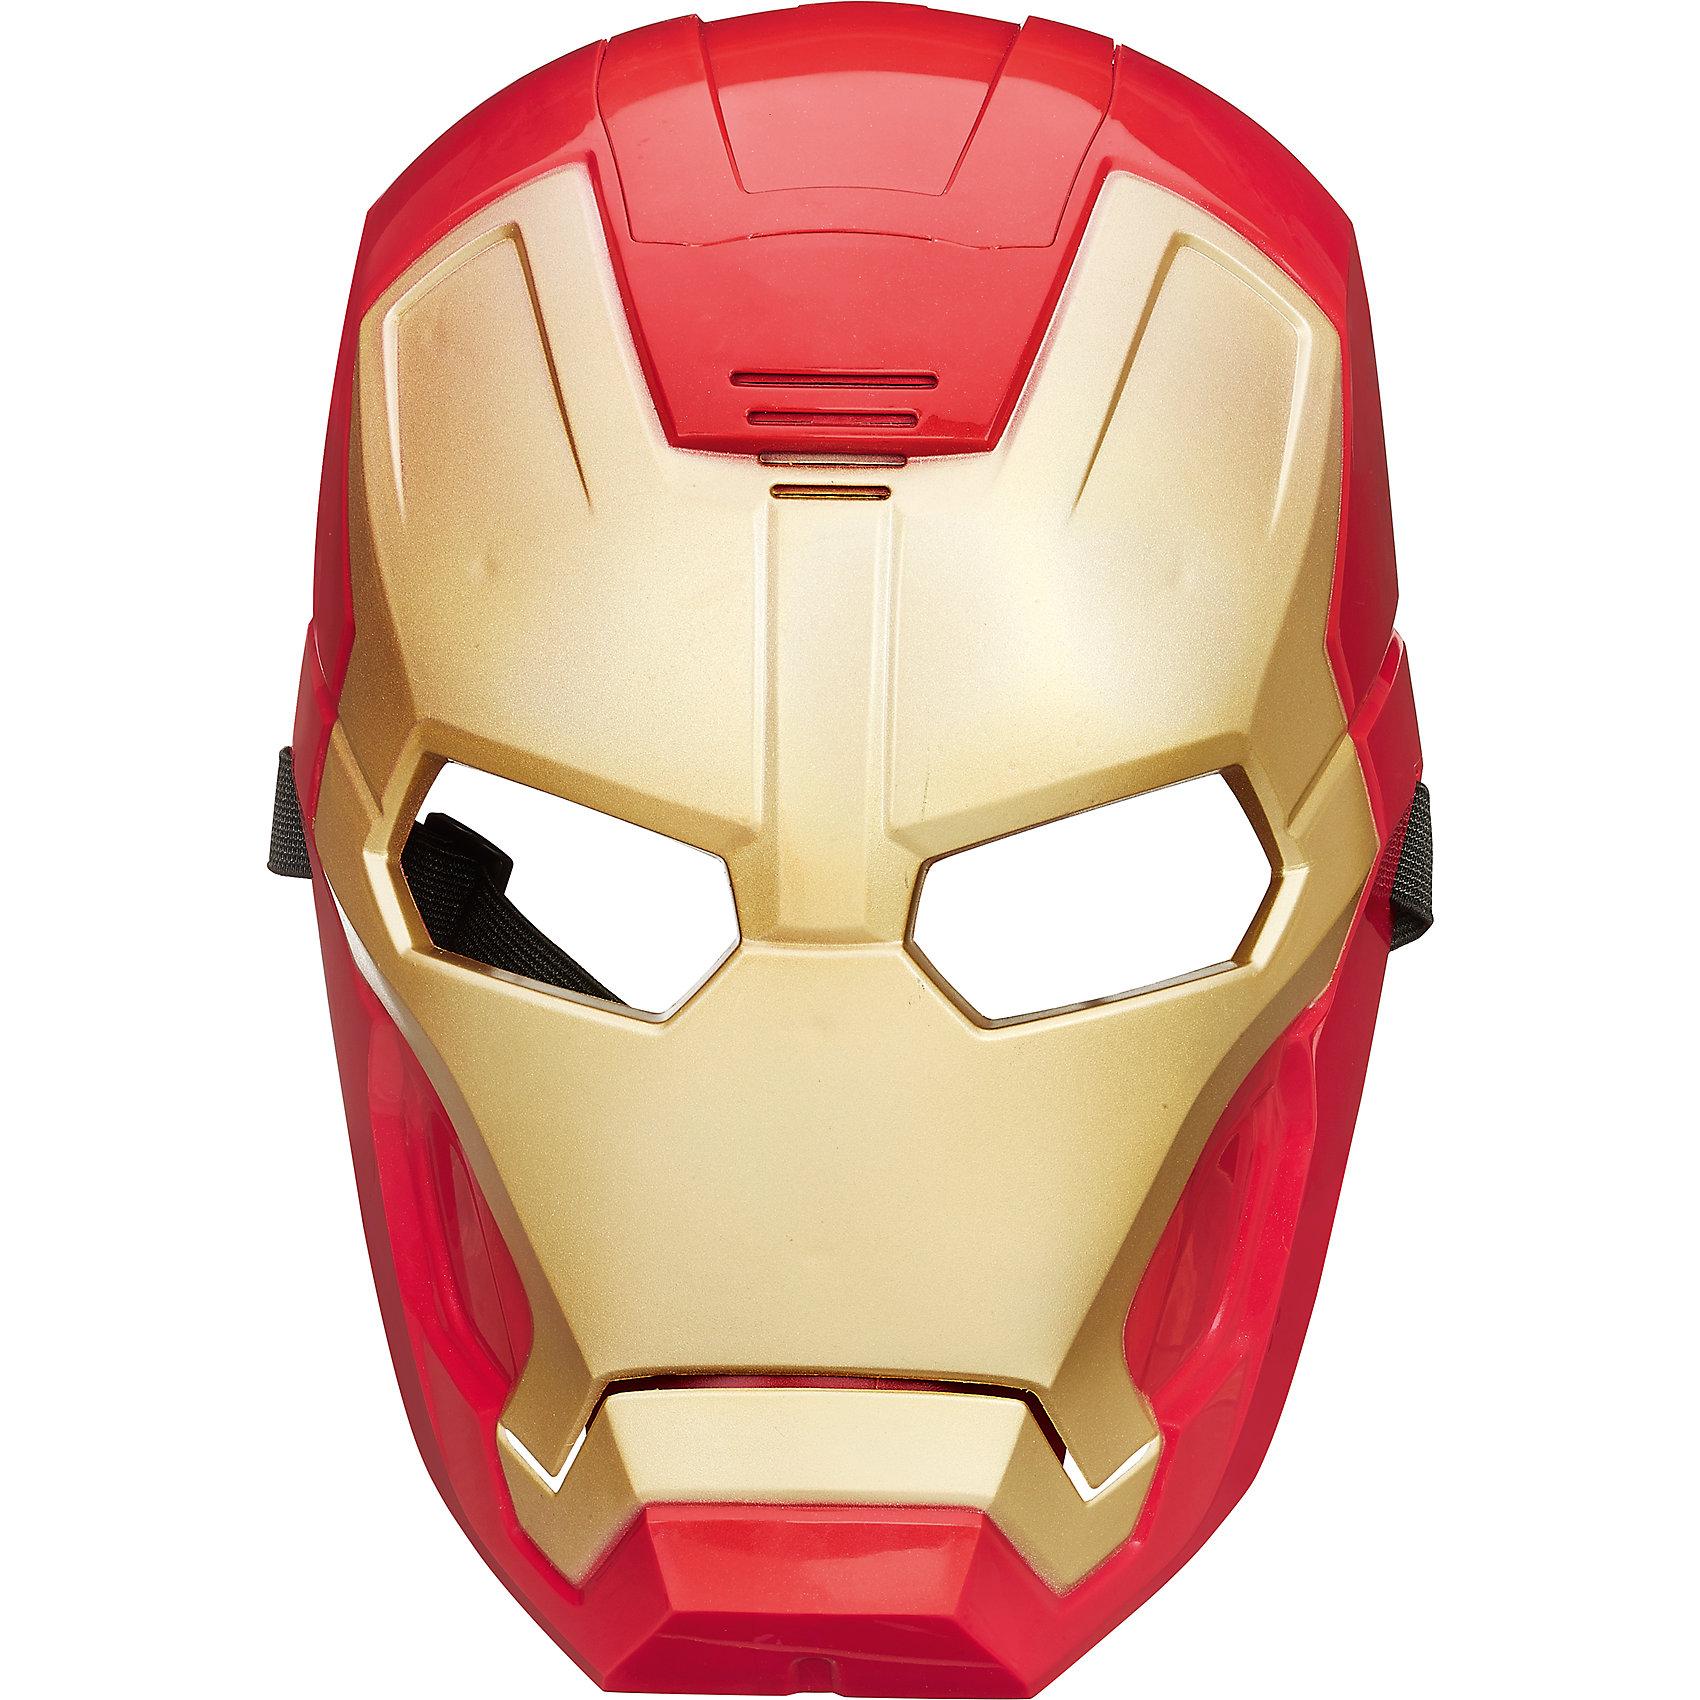 Электронная Маска Мстителей Iron man, B7804/B7806Электронная Маска Мстителей,  в ассортименте - станет приятным сюрпризом для ребенка, поклонника комиксов и фильмов о супергероях Мстители. Электронная Маска оснащена микрофоном, который преобразует голос. Теперь можно не только выглядеть, как герой фильма Мстители, но и говорить, как он - простым нажатием кнопки. Маска крепится с помощью удобных ремешков, которые можно отрегулировать под любой размер. В ассортименте 4 маски любимых героев Марвел – Невероятного Халка, неуязвимого Железного человека, сверхчеловека Капитана Америки и Тора, повелителя грома и молний. Маски выполнены очень реалистично, все детали тщательно проработаны, что, несомненно, оценят даже самые придирчивые фанаты команды Мстителей. Маски отлиты из высокопрочного и высокоэкологичного пластика, область глаз прорезинена, что обеспечивает комфортное ношение изделия.  Дополнительная информация:  - В комплекте: 1 маска - В ассортименте: шлем Тора серебристый, маска Халка зеленая, маска Железного человека красно-желтая, маска Капитан Америка сине-белая - Батарейки: 3 типа AA / LR03 1.5V (входят в комплект) - Материал: высококачественная пластмасса - Размер упаковки: 27 x 22 x 11 см. - Вес: 120 гр. - ВНИМАНИЕ! Данный артикул представлен в разных вариантах исполнения. К сожалению, заранее выбрать определенный вариант невозможно. При заказе нескольких масок возможно получение одинаковых  Электронную Маску Мстителей,  в ассортименте можно купить в нашем интернет-магазине.<br><br>Ширина мм: 114<br>Глубина мм: 203<br>Высота мм: 279<br>Вес г: 800<br>Возраст от месяцев: 60<br>Возраст до месяцев: 192<br>Пол: Мужской<br>Возраст: Детский<br>SKU: 4803339